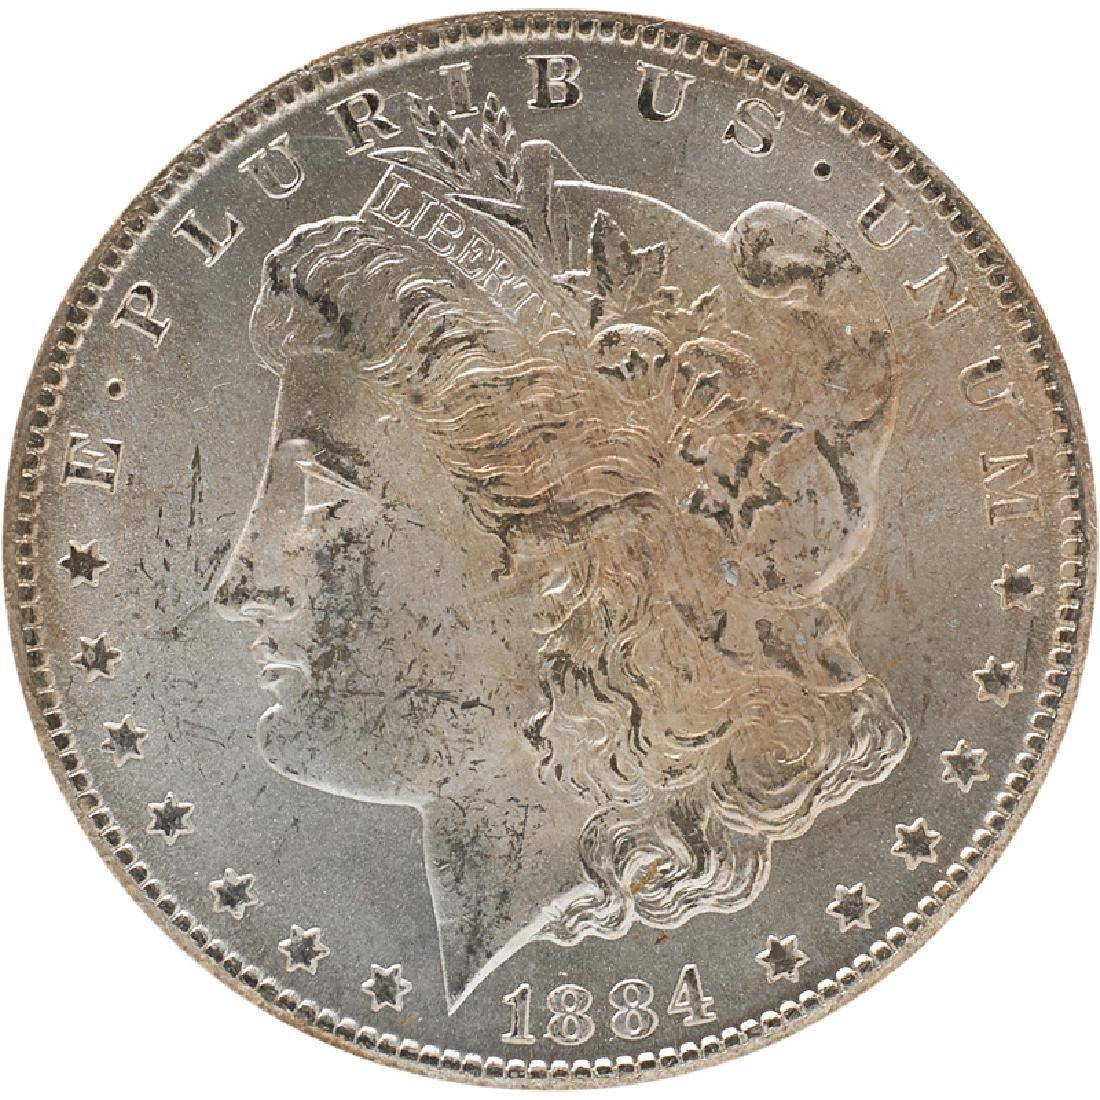 U.S. 1884-CC MORGAN $1 COIN